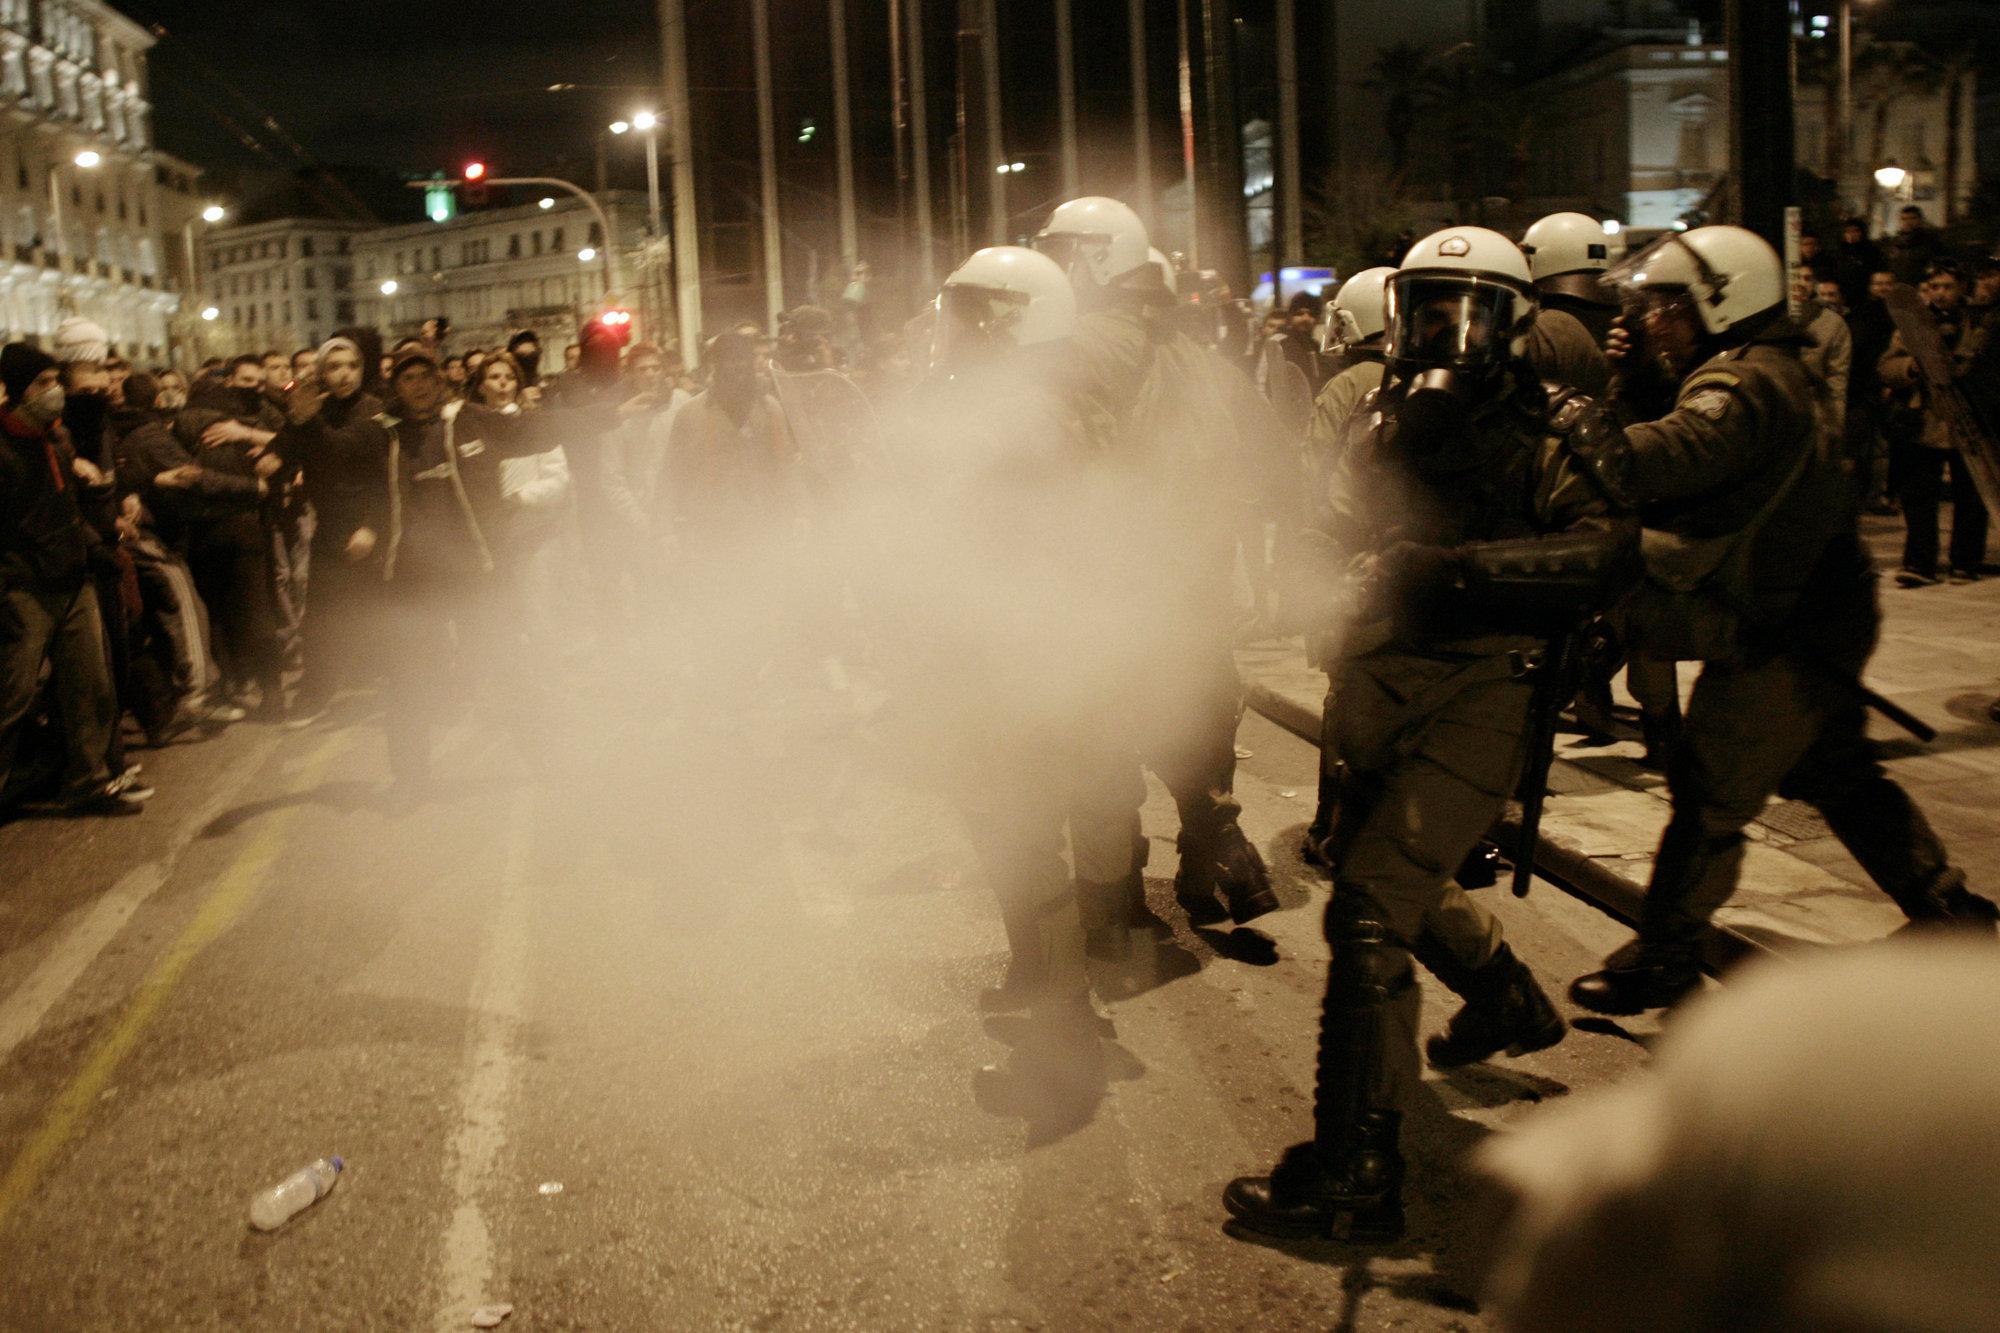 Interior compra 50.000 botes de gases lacrimógenos y humo para reprimir disturbios